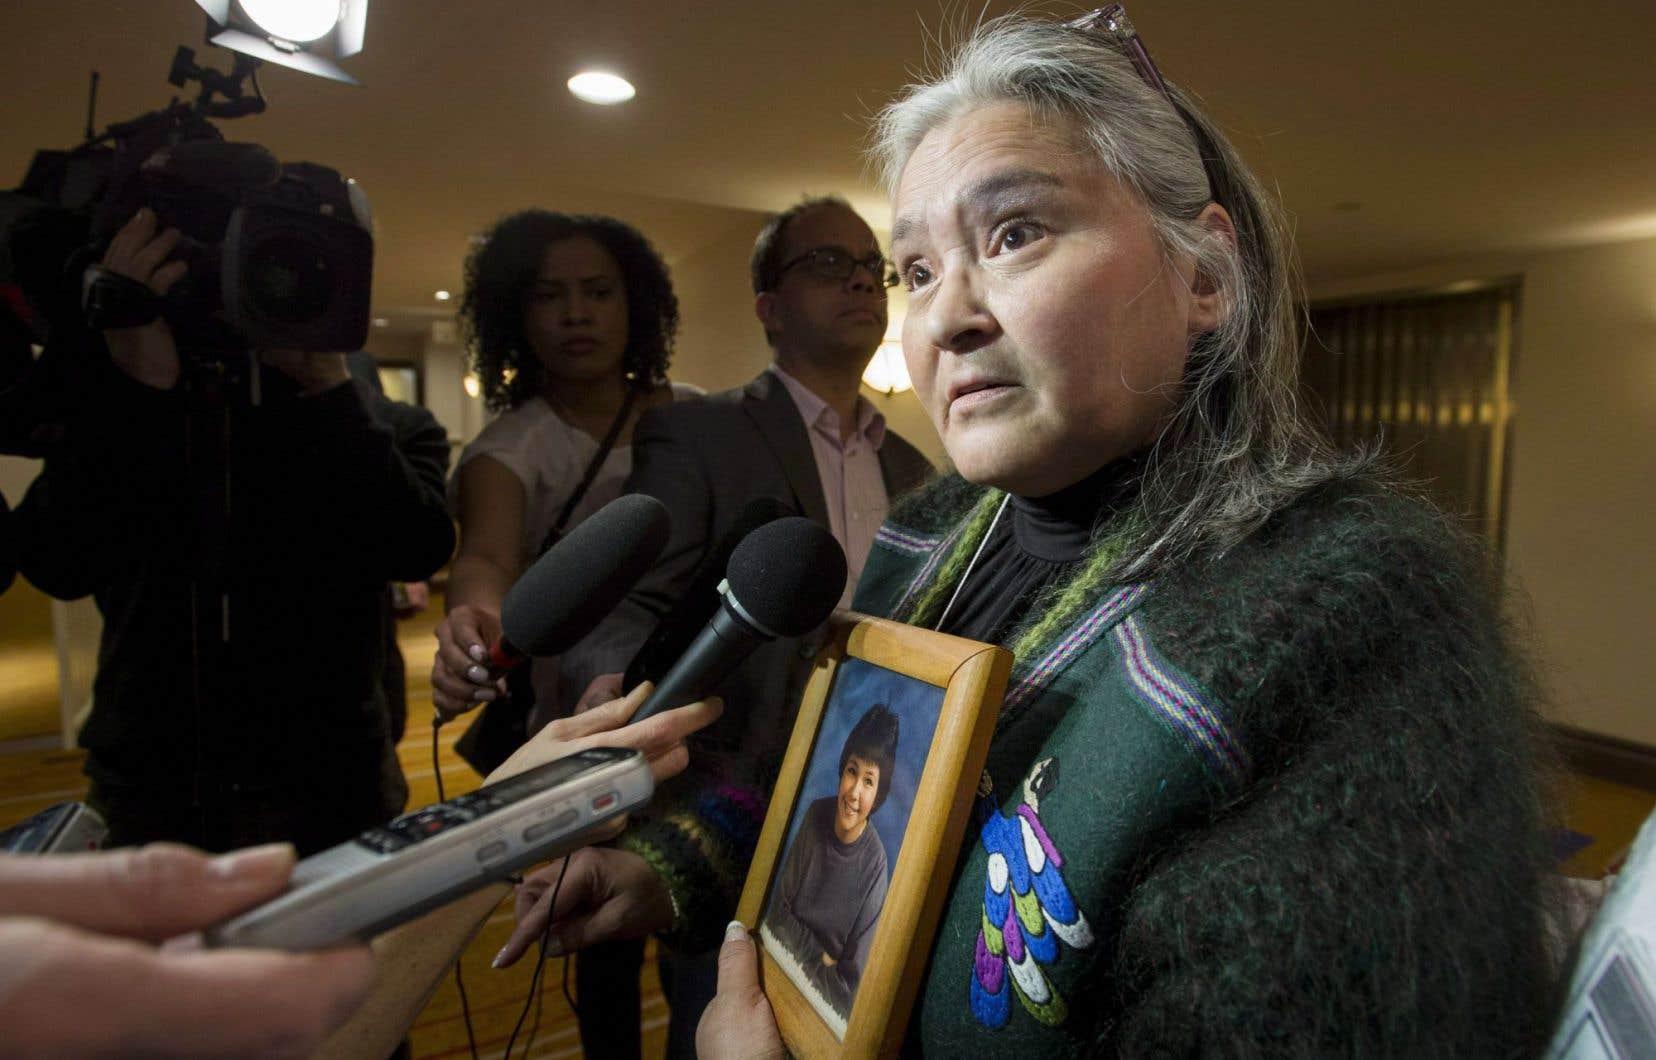 Le gouvernement Harper a refusé de mettre sur pied une commission d'enquête nationale sur la disparition ou le meurtre d'environ 1200 femmes autochtones. Sur la photo tenue par Elisapee Sheutiapik, ex-mairesse d'Iqaluit, Mary Ann Birmingham, l'une des femmes autochtones victimes d'un meurtre.